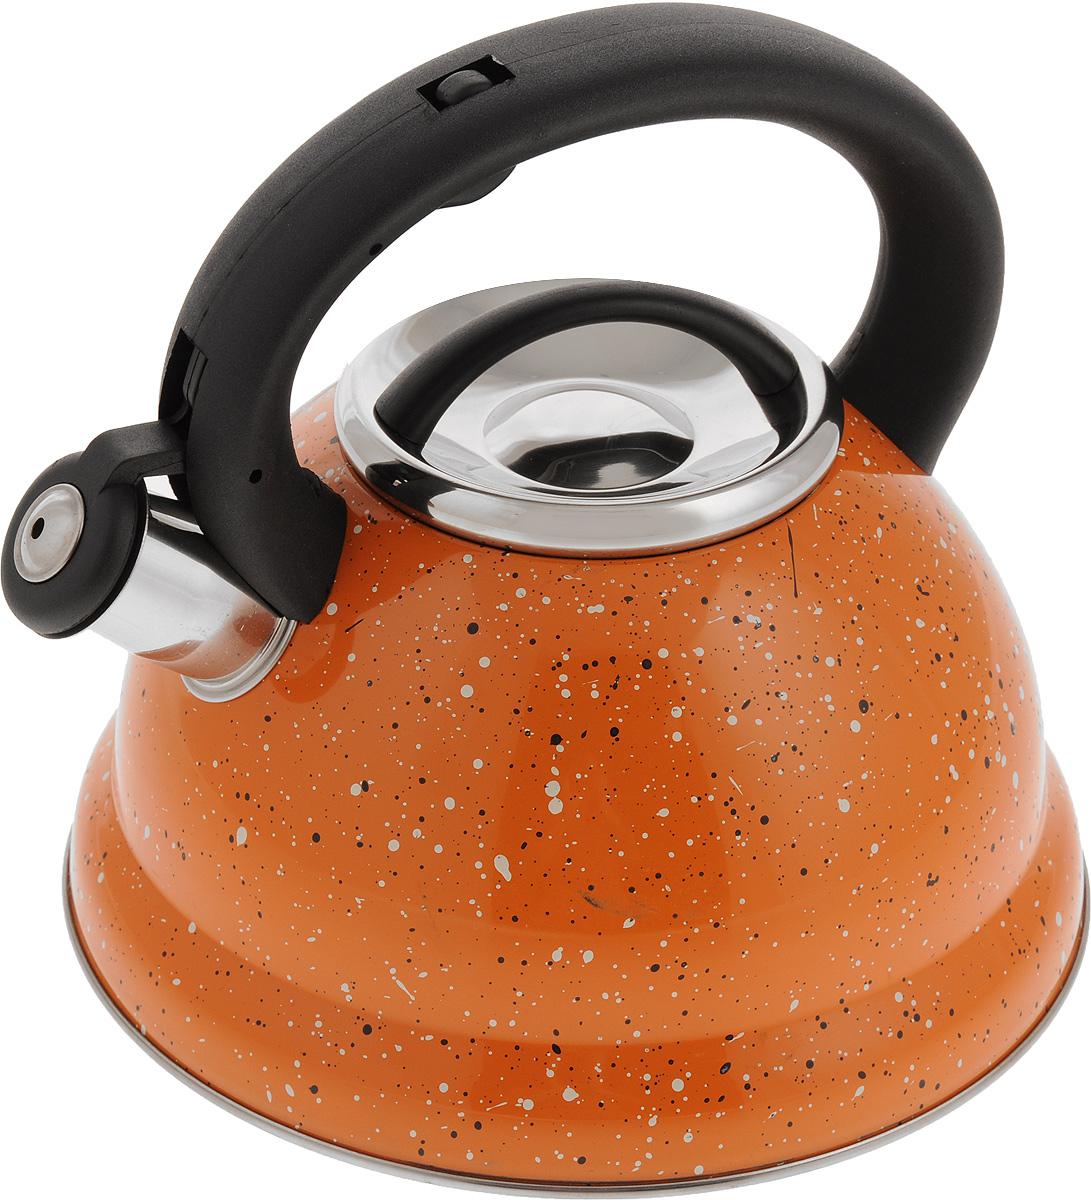 Чайник Mayer & Boch, со свистком, 2,8 л. 2497054 009303Чайник Mayer & Boch выполнен из высококачественной нержавеющей стали. Фиксированная ручка, изготовленная из пластика и нержавеющей стали, снабжена клавишей для открывания носика, что делает использование чайника очень удобным и безопасным. Носик снабжен свистком, что позволит вам контролировать процесс подогрева или кипячения воды. Эстетичный и функциональный чайник будет оригинально смотреться в любом интерьере. Подходит для всех видов плит, включая индукционные. Можно мыть в посудомоечной машине.Диаметр чайника (по верхнему краю): 10 см.Диаметр основания: 22 см. Высота чайника (с учетом ручки): 20,5 см.